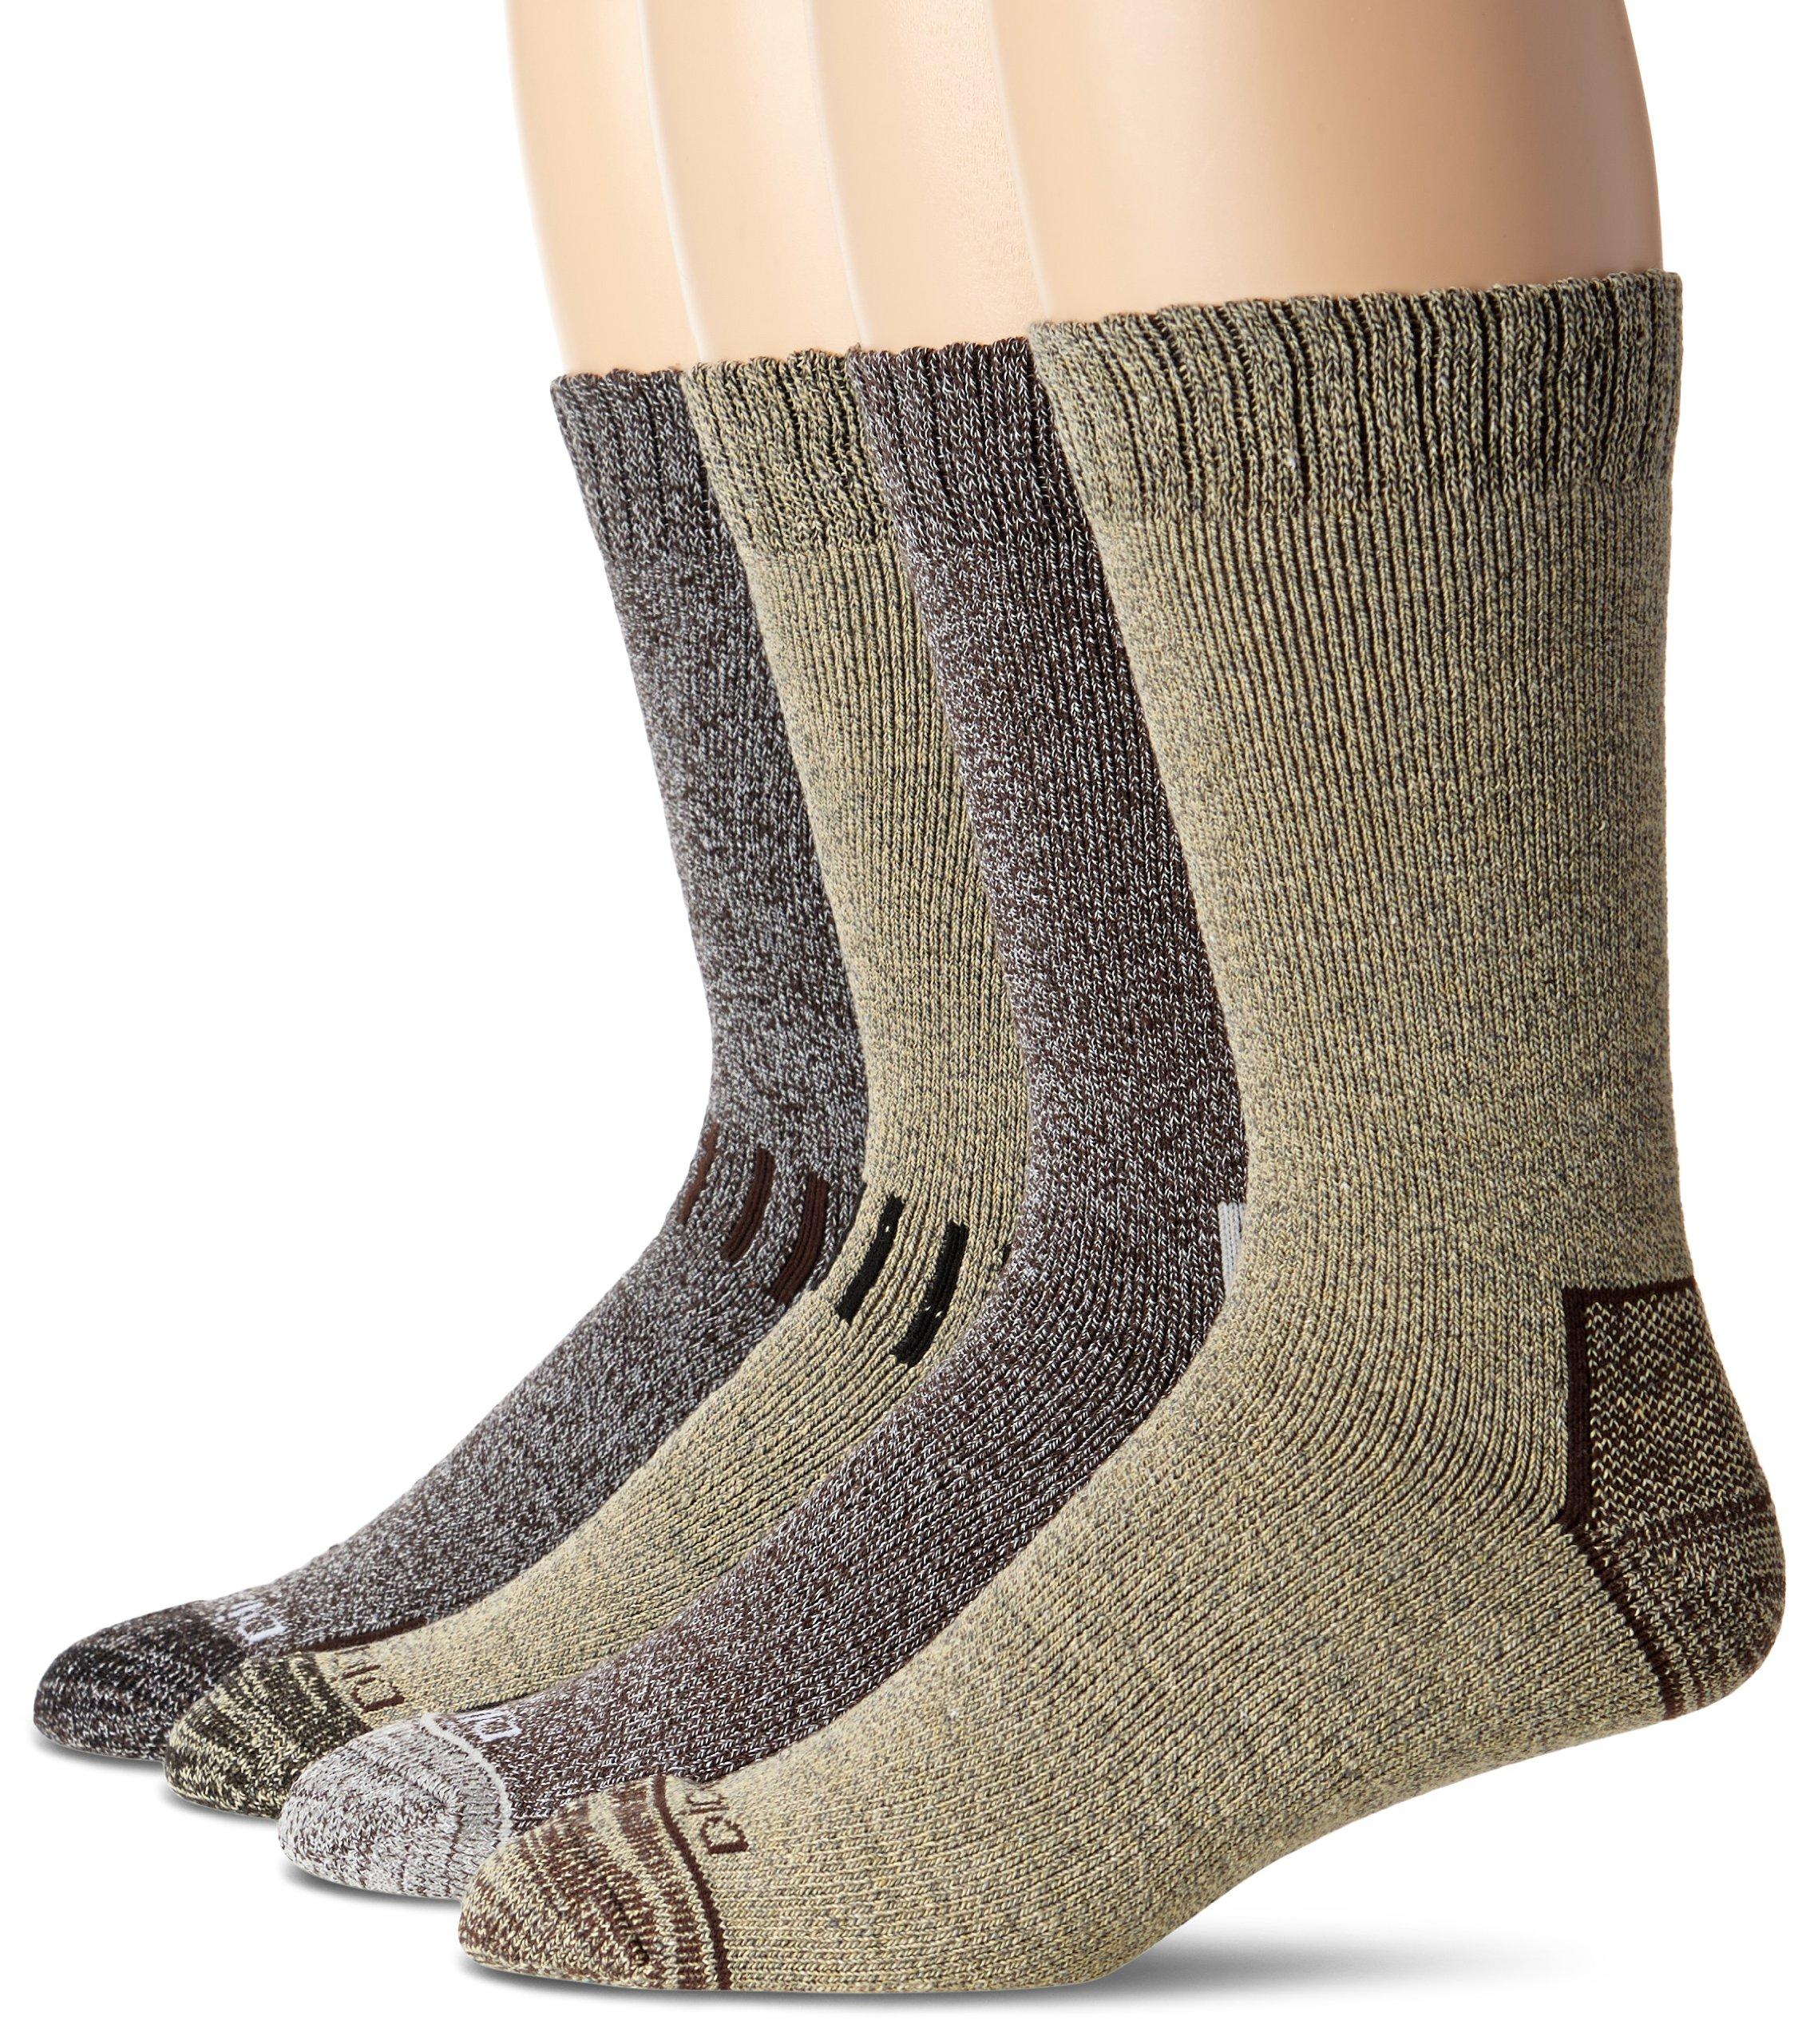 Dickies Men's Season Marled Moisture Control Crew Socks Multipack, Brown Assorted (4 Pack), Shoe Size: 6-12 by Dickies